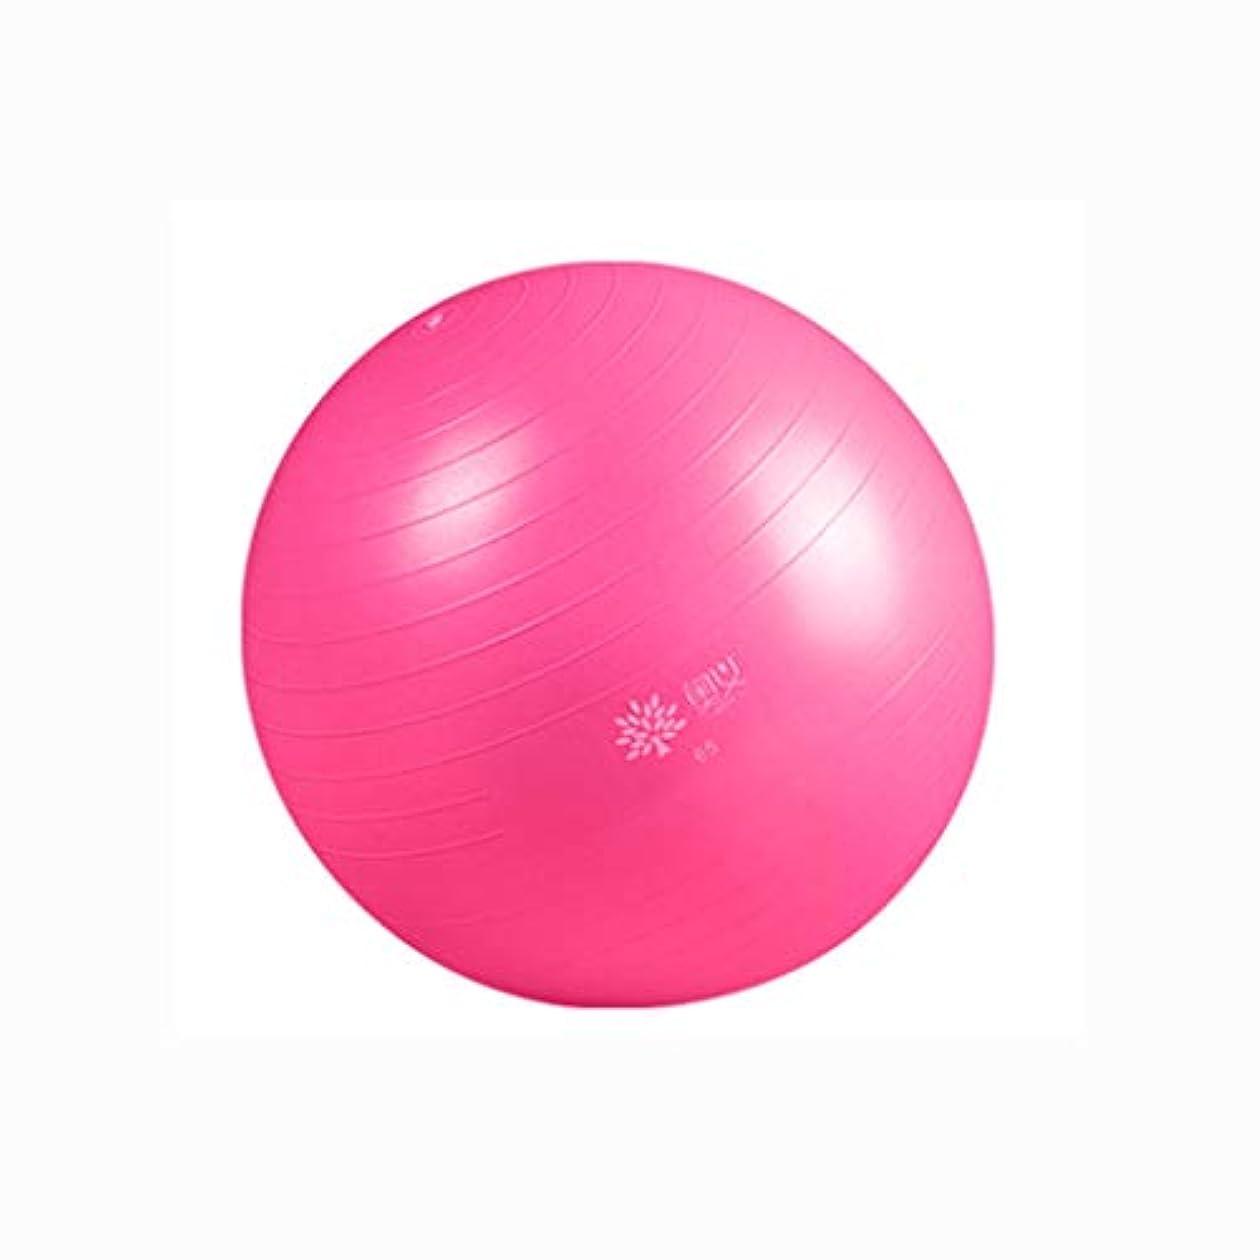 怠なお父さんタンザニアGCX- ヨガボール太い防爆初心者ジムボール妊娠中の女性助産師バランスヨガボール セキュリティ (Color : Pink, Size : 65cm)